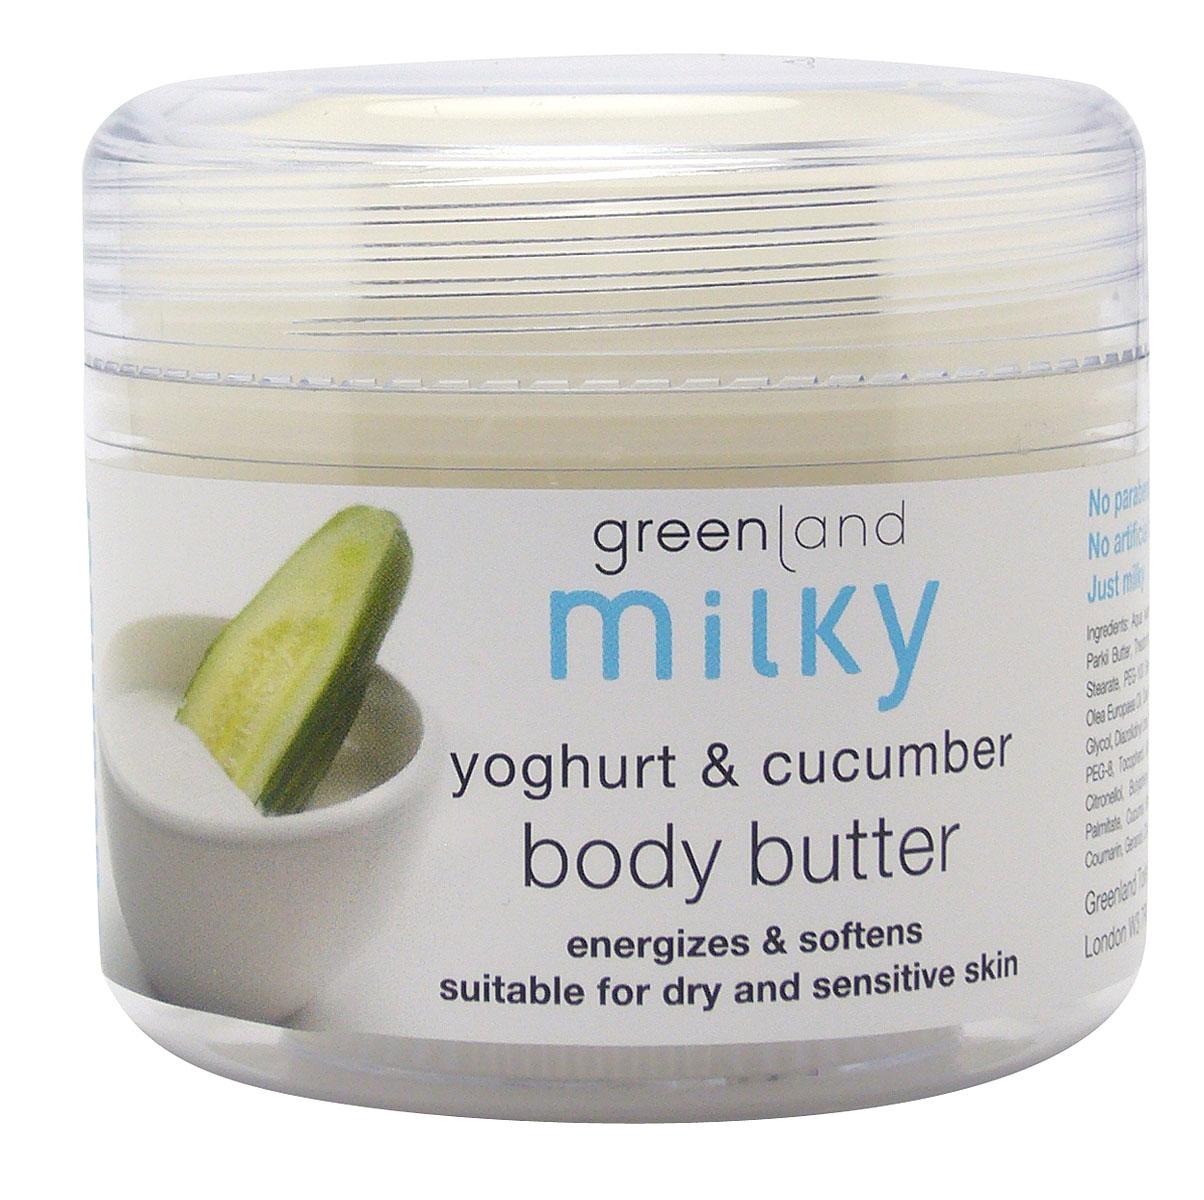 Greenland Крем для тела Milky, с йогуртом и огурцом, 150 мл greenland скраб для тела milky  с